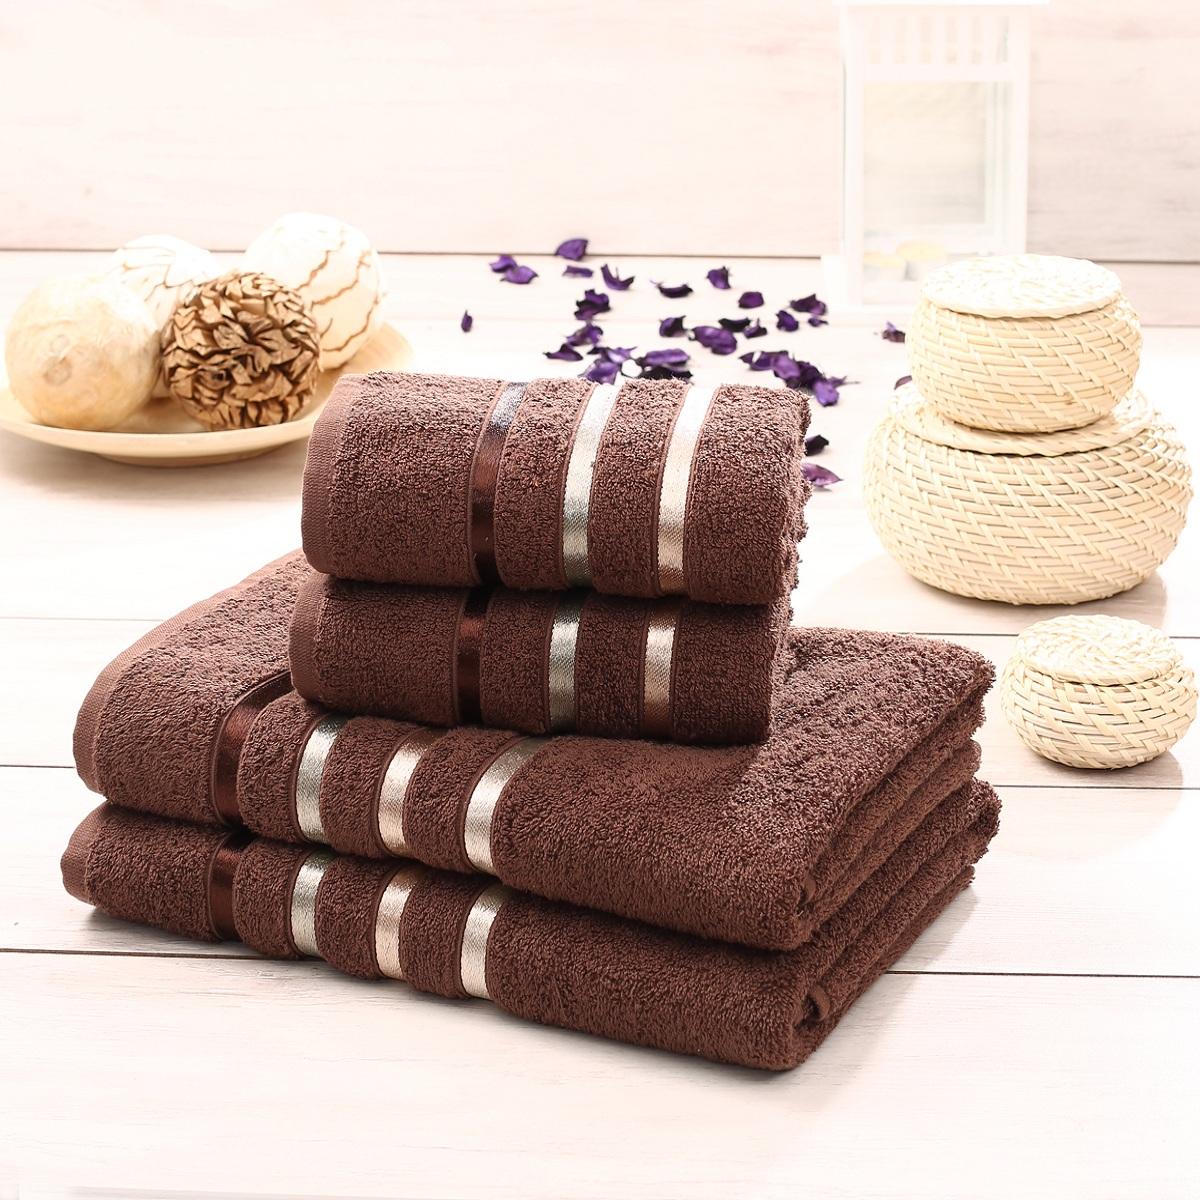 Набор махровых полотенец Karna Bale, цвет: коричневый, 4 шт. 953/CHAR015953/CHAR015Набор Karna Bale включает 2 полотенца для лица, рук и 2 банных полотенца. Изделия выполнены из высококачественного хлопка с отделкой в виде полос. Каждое полотенце отличается нежностью и мягкостью материала, утонченным дизайном и превосходным качеством. Они прекрасно впитывают влагу, быстро сохнут и не теряют своих свойств после многократных стирок. Такой набор создаст в вашей ванной царственное великолепие и подарит чувство ослепительного торжества. А также станет приятным подарком для ваших близких или друзей. Набор украшен текстильной лентой. Размер:50 x 80 см - 2шт. и 70 x 140 см - 2 шт.